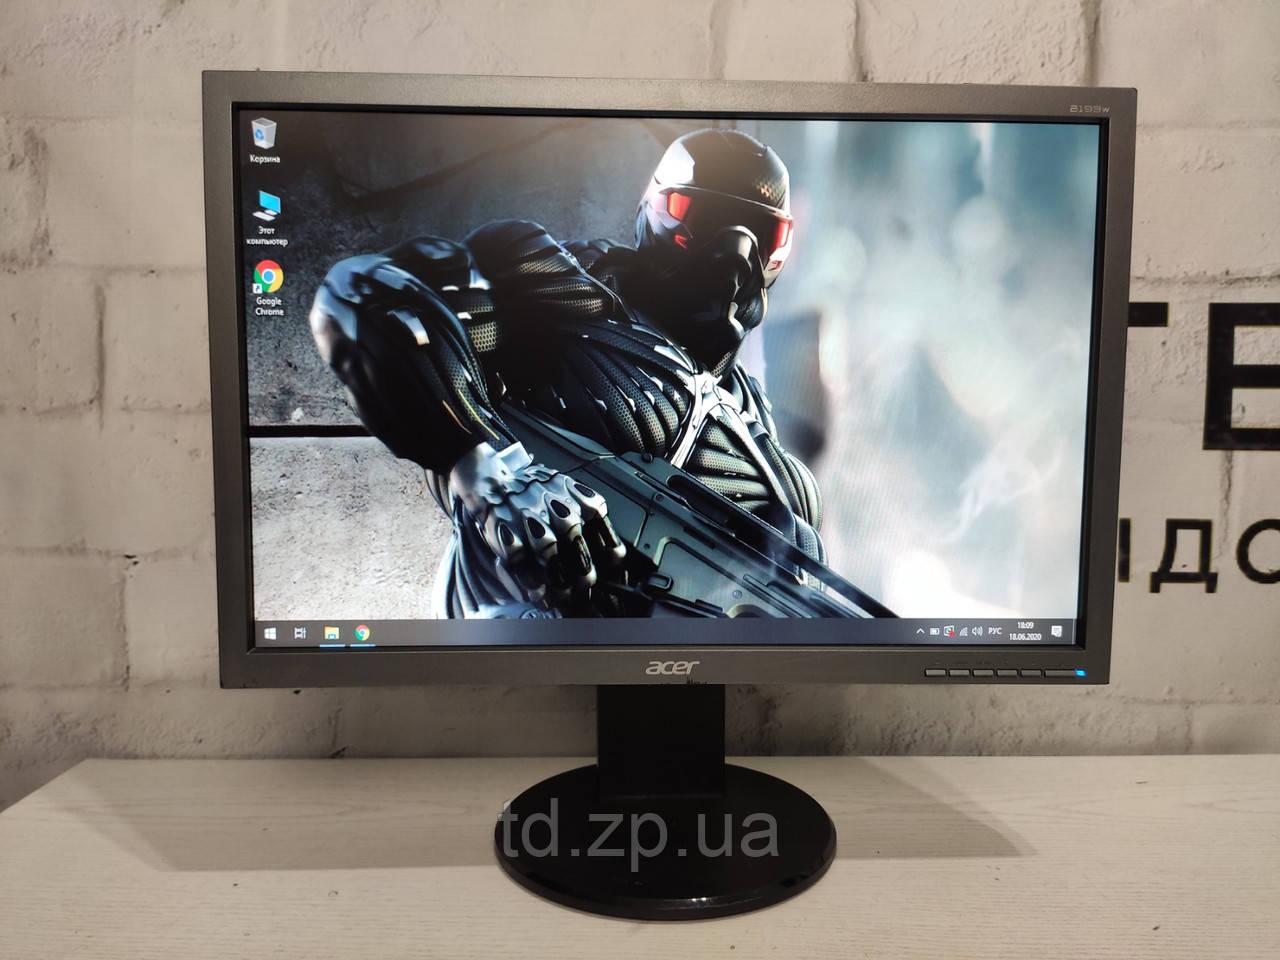 Монитор Acer B193W